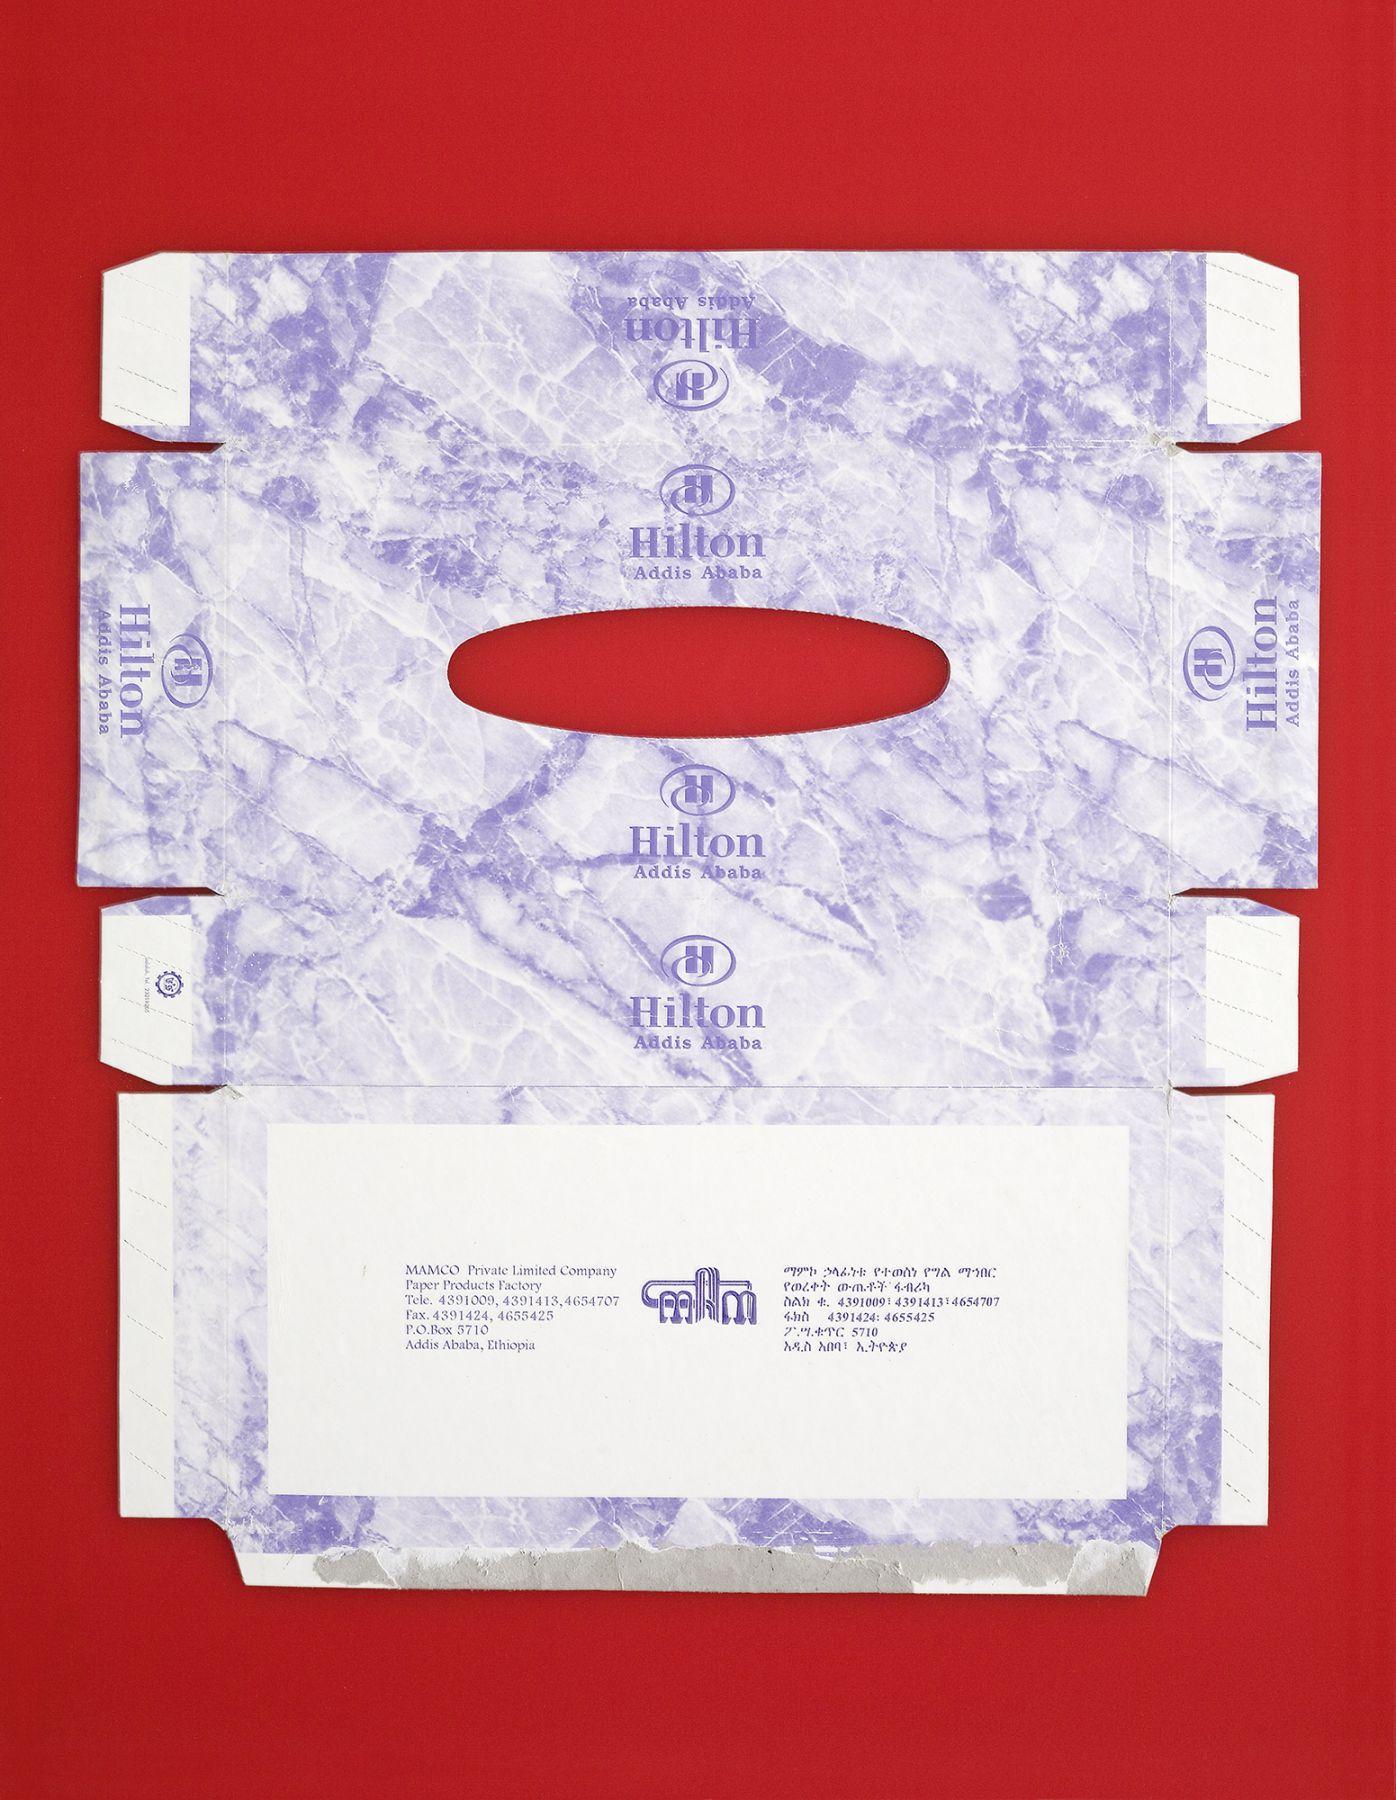 Hilton Addis Ababa Tissue, 2009, Plexiglas, printed cardboard, 18 x 15 3/4 inches